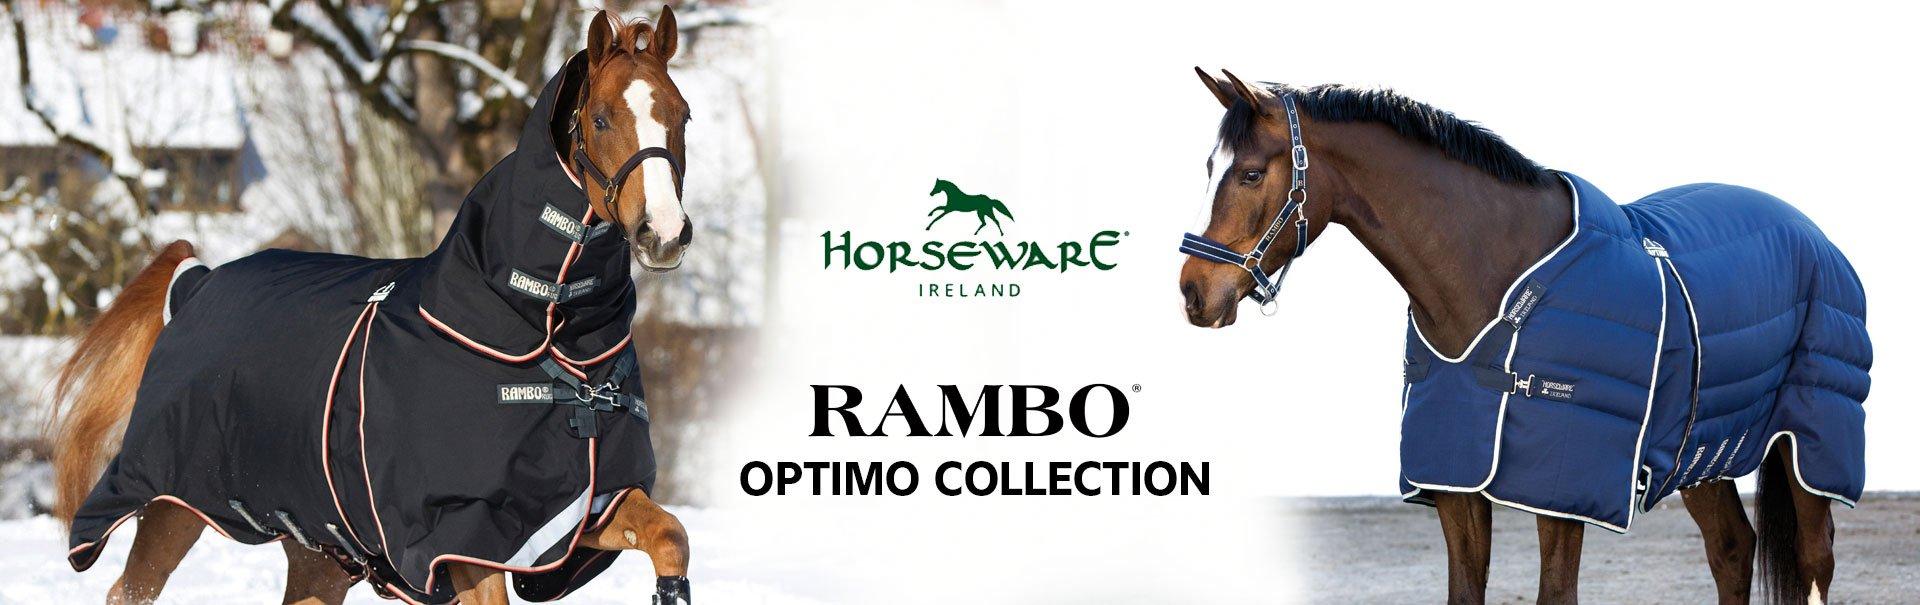 Horseware Rambo Optimo Blankets